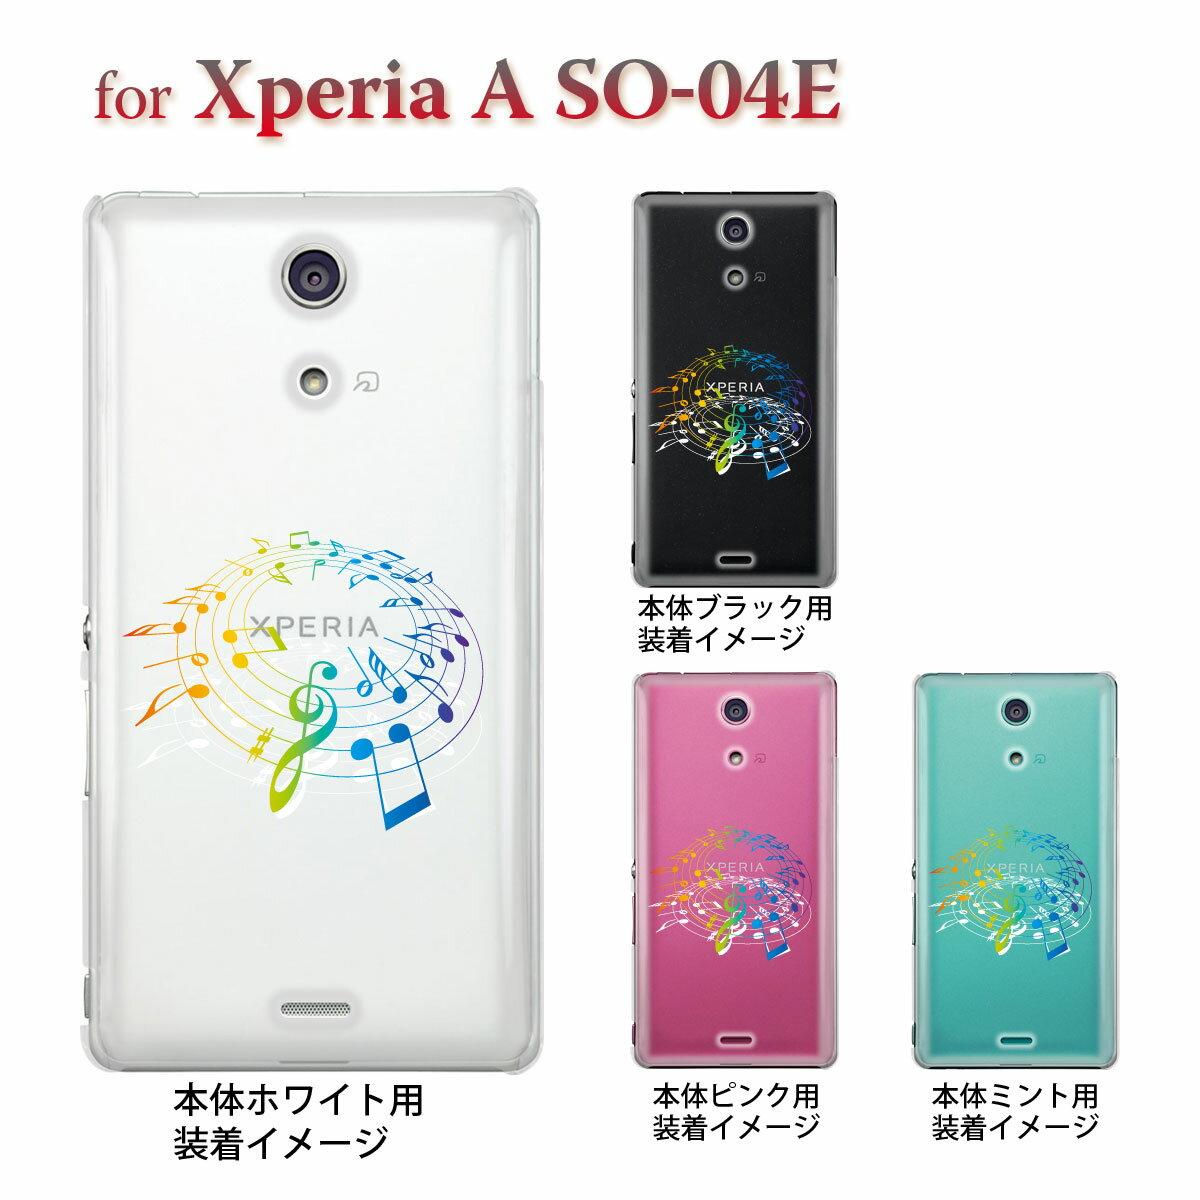 スマートフォン・携帯電話アクセサリー, ケース・カバー Xperia A SO-04Edocomo 09-so04e-mu0005